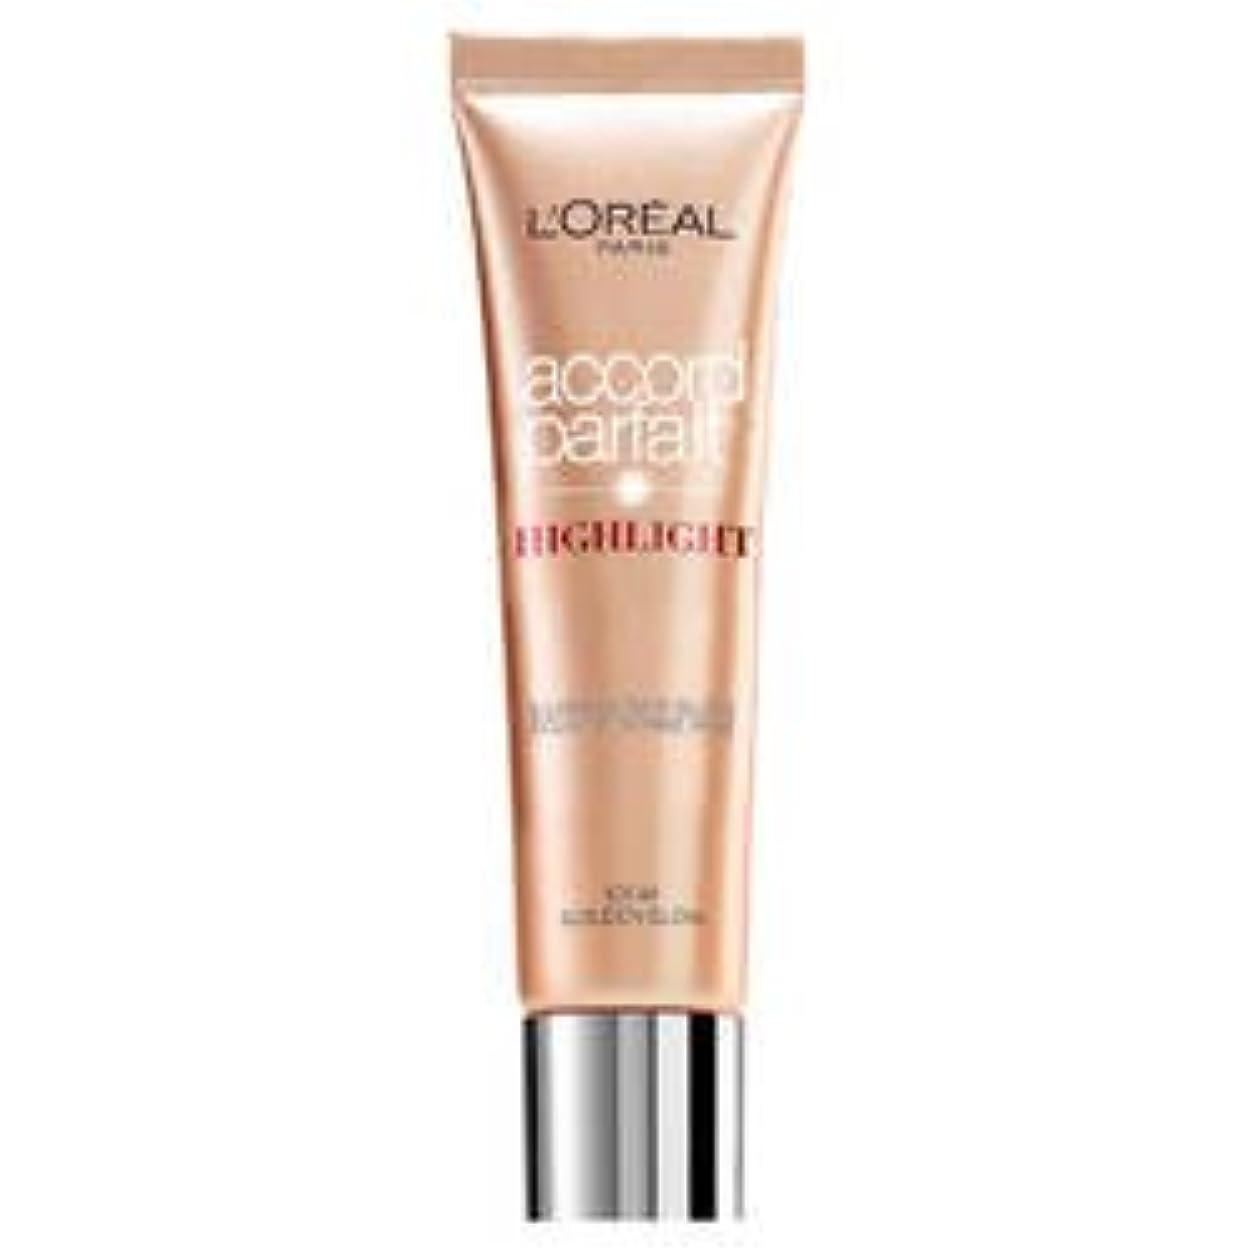 クルーズ吹きさらしパイL 'Oréal Paris Accord Parfait Highlight Enlumineur Liquide 101 Dore